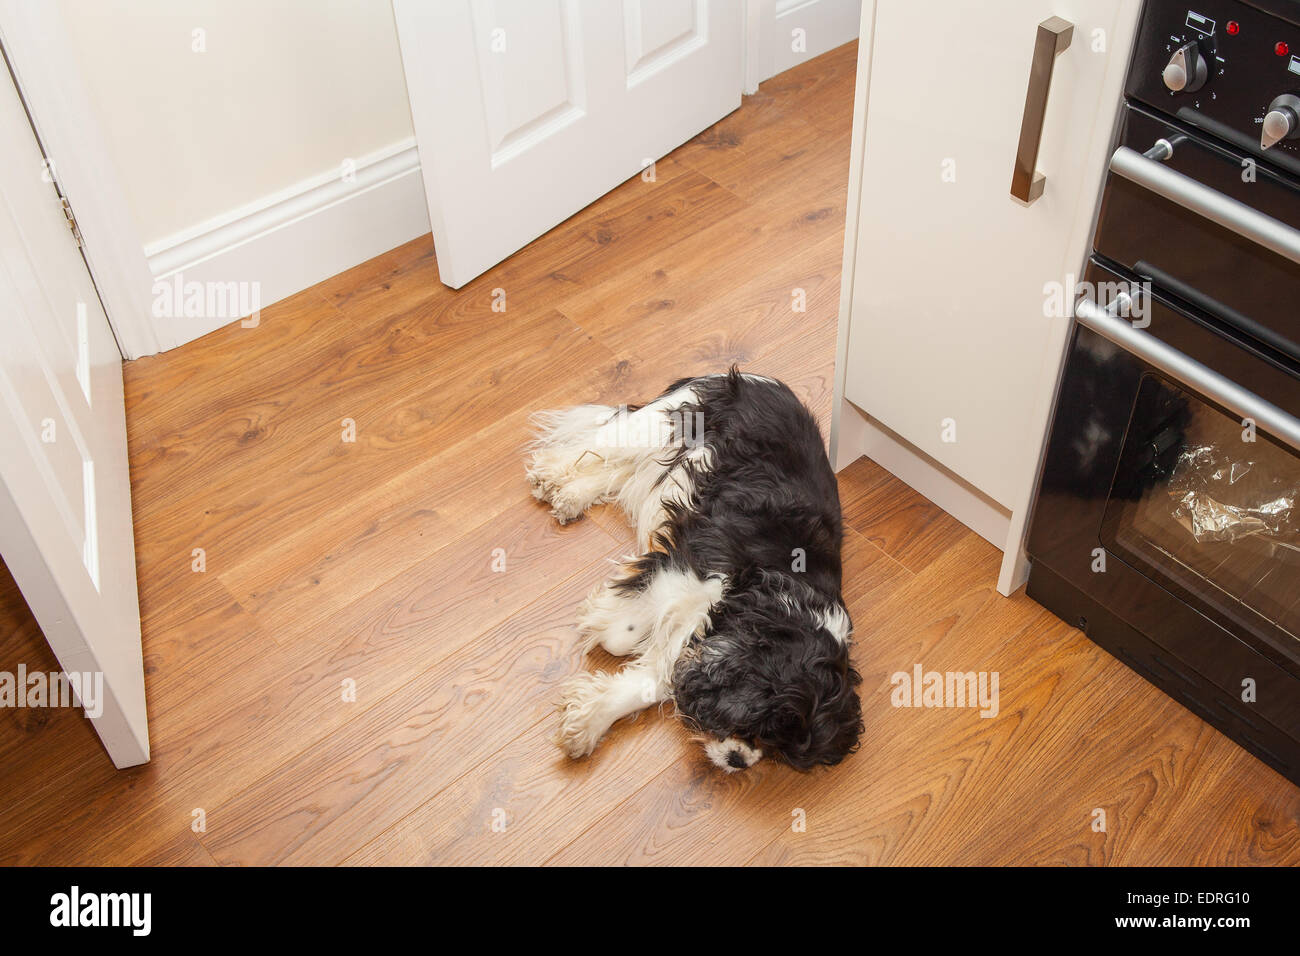 Dog asleep on the kitchen floor - Stock Image